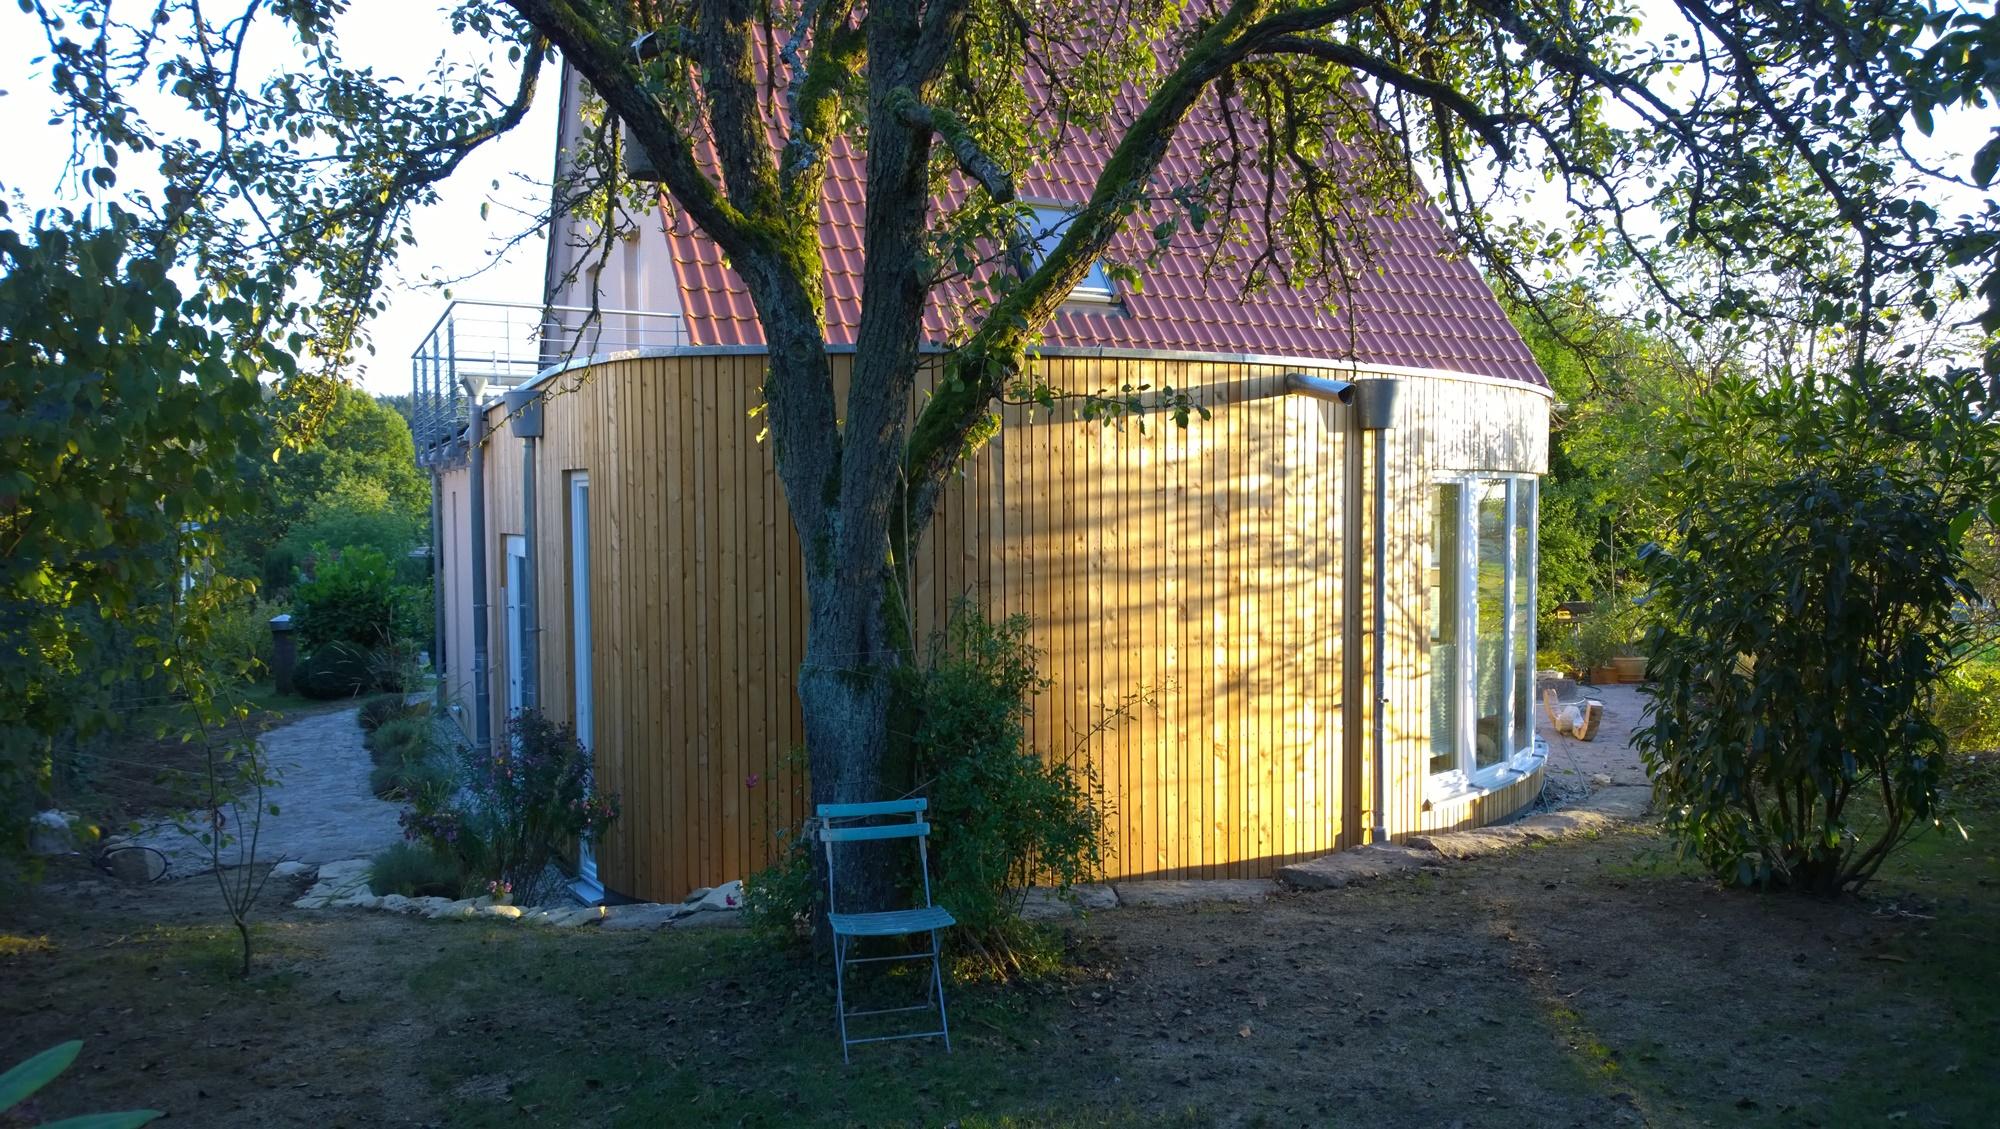 der ovale Anbau schmiegt sich perfekt in den Garten ein